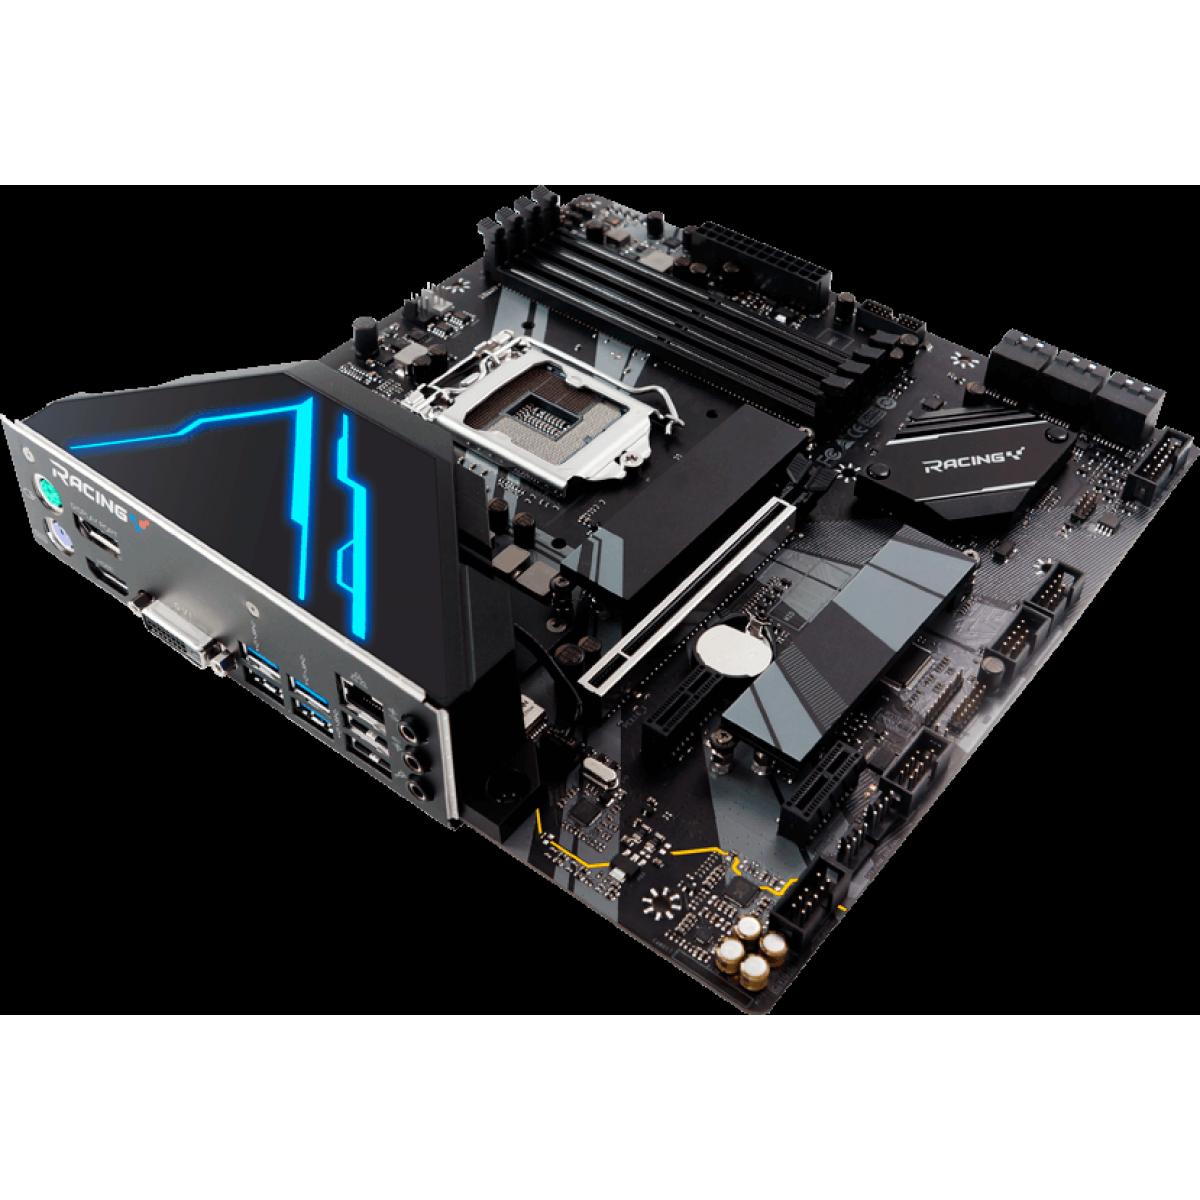 Placa Mãe Biostar Racing B460GTQ VER 5.0, Chipset B460, Intel 1200, mATX, DDR4